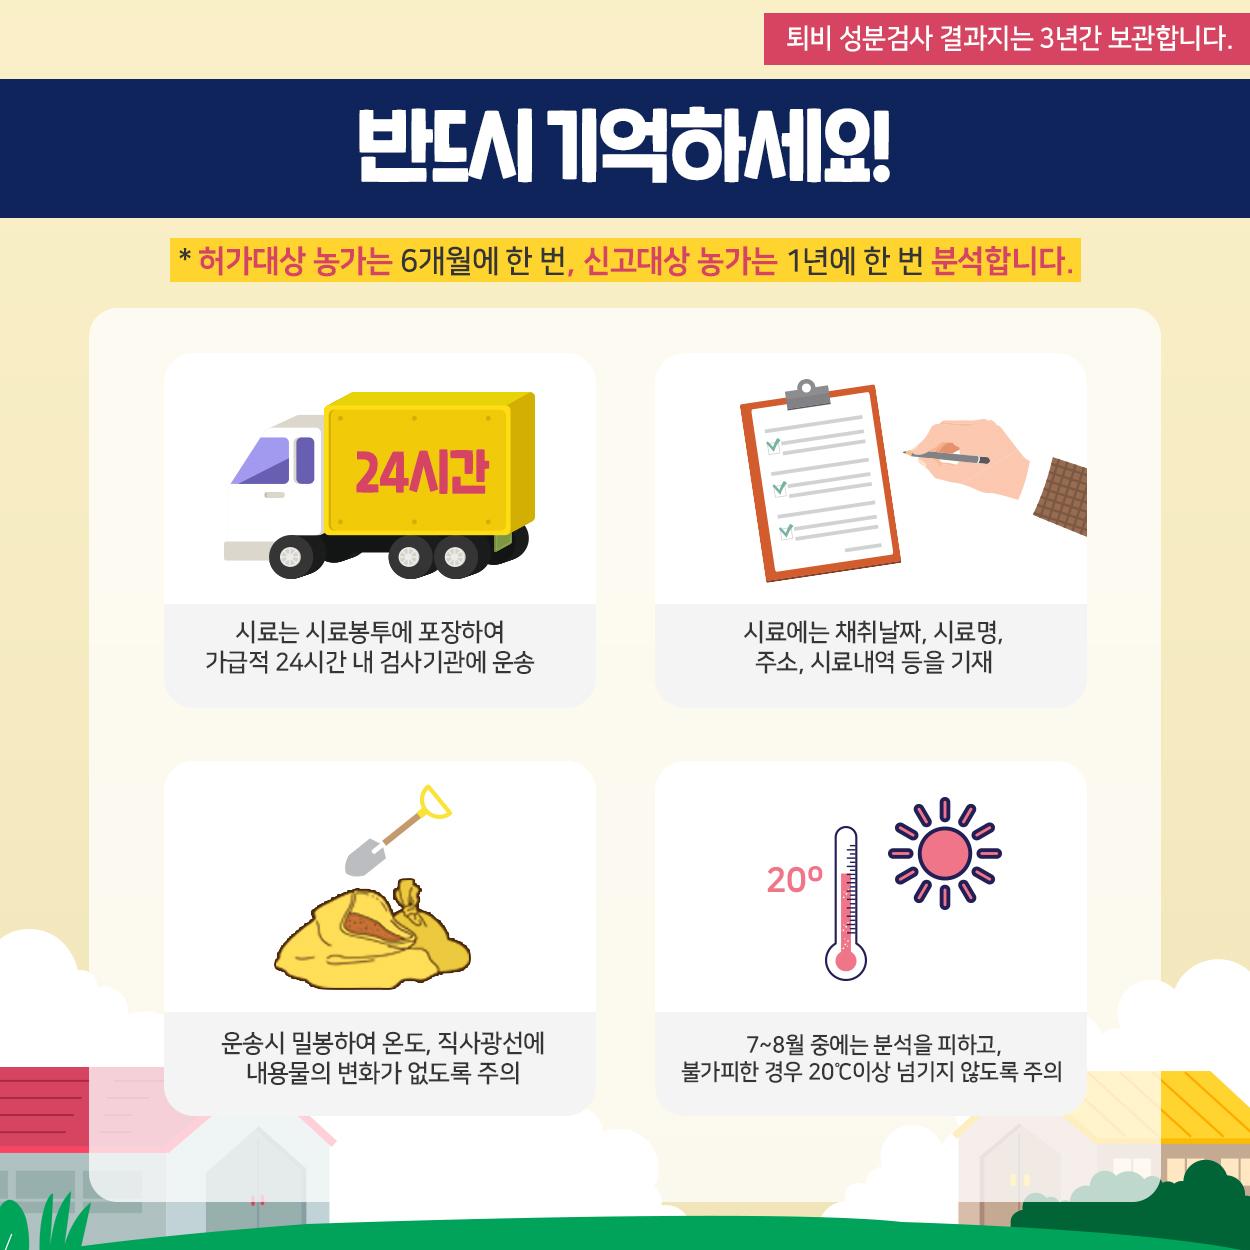 농식품부_카드뉴스_퇴비7_200102.jpg